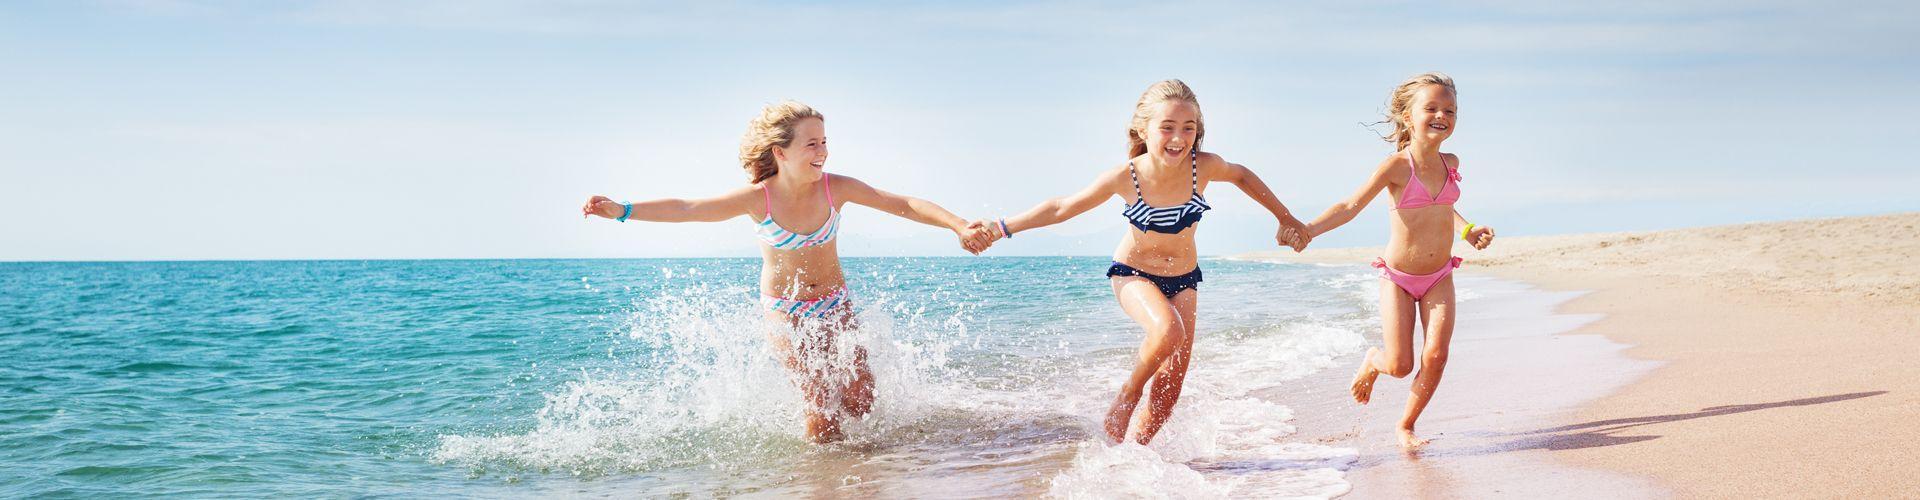 Roześmiane dzieci biegnące po plaży